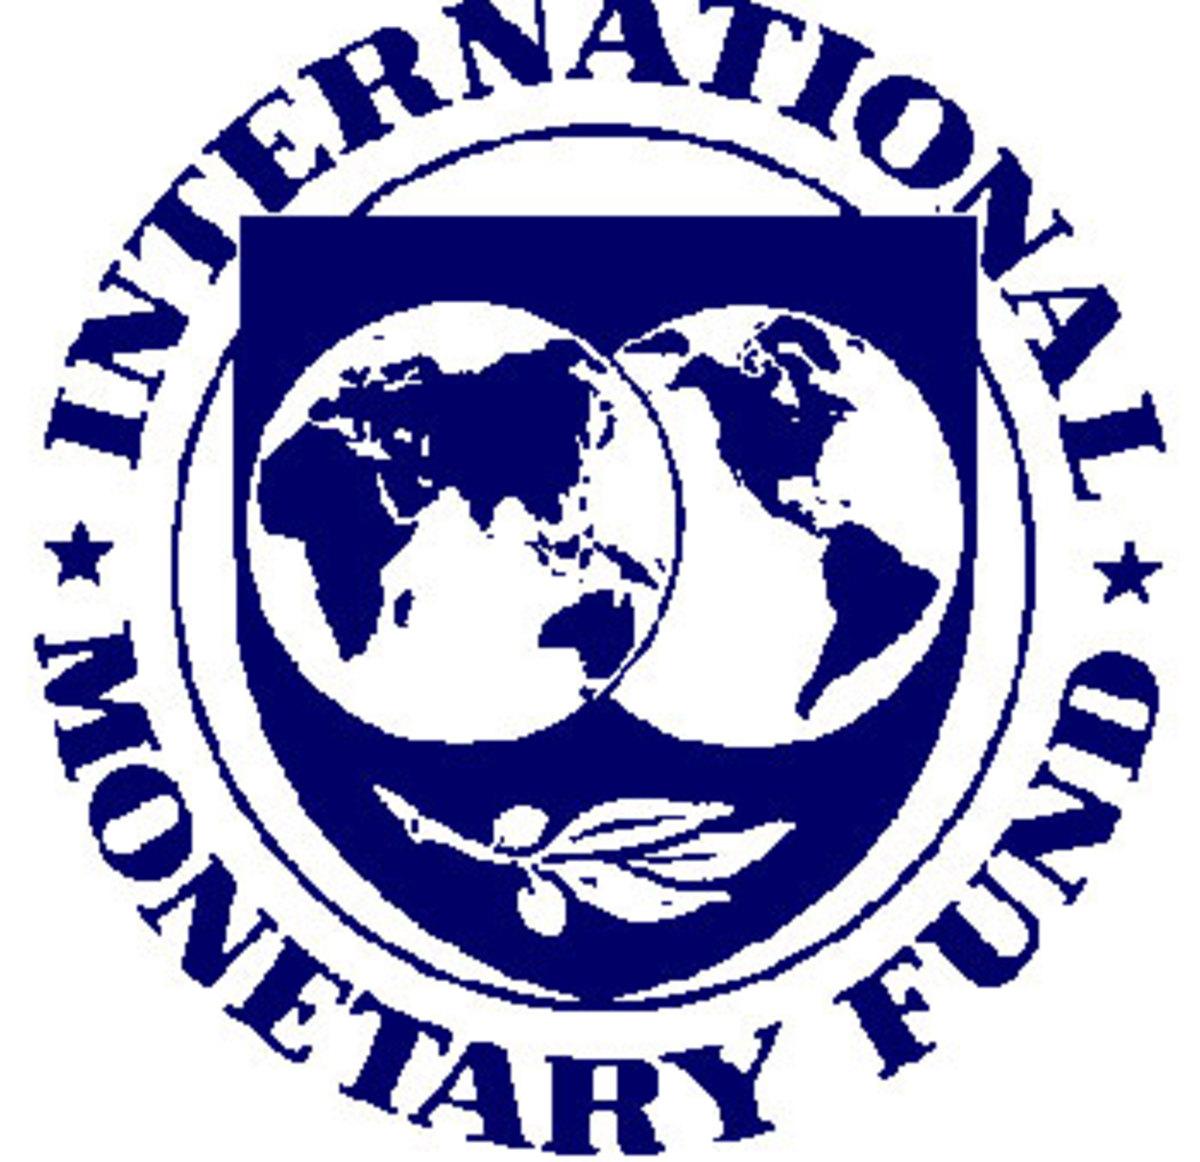 Σήμερα αποφασίζει το ΔΝΤ για τη δόση του δανείου στην Ελλάδα | Newsit.gr